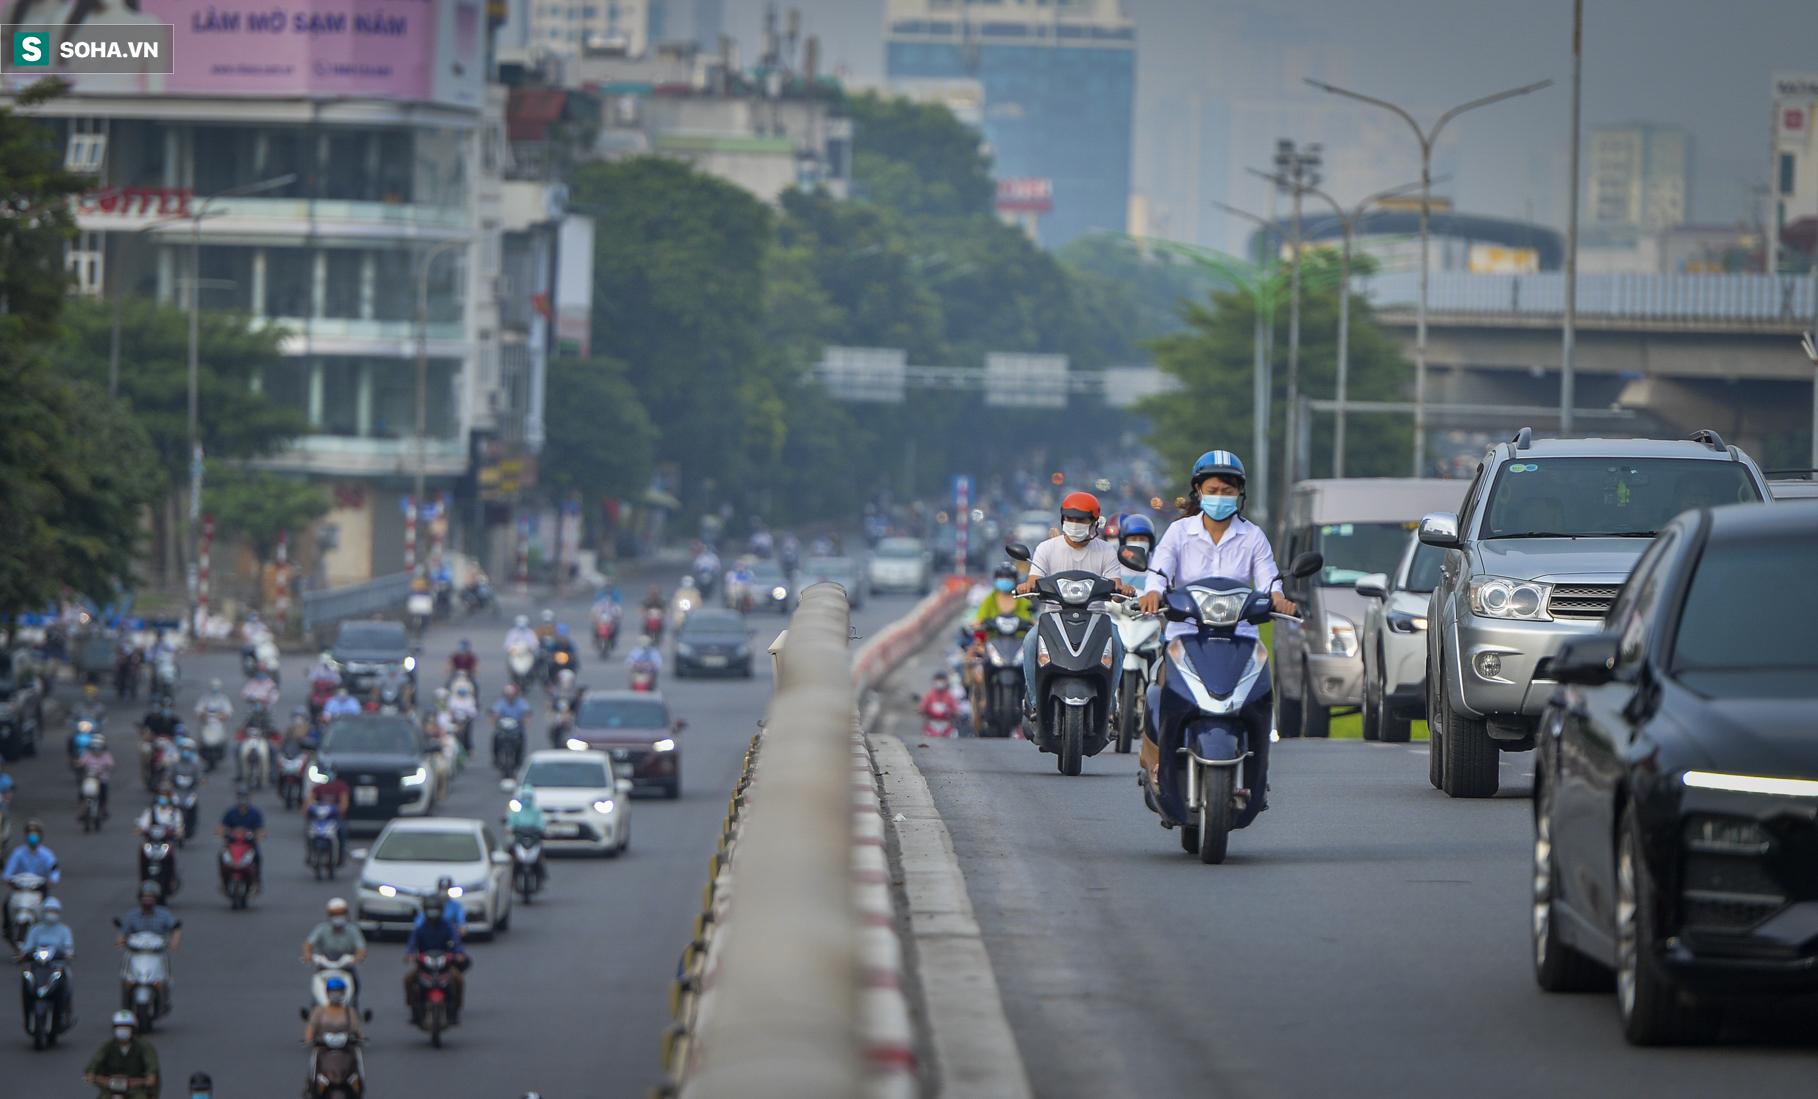 Ngày cuối giãn cách xã hội đợt 4, nhiều tuyến phố Hà Nội xe cộ tấp nập - Ảnh 7.